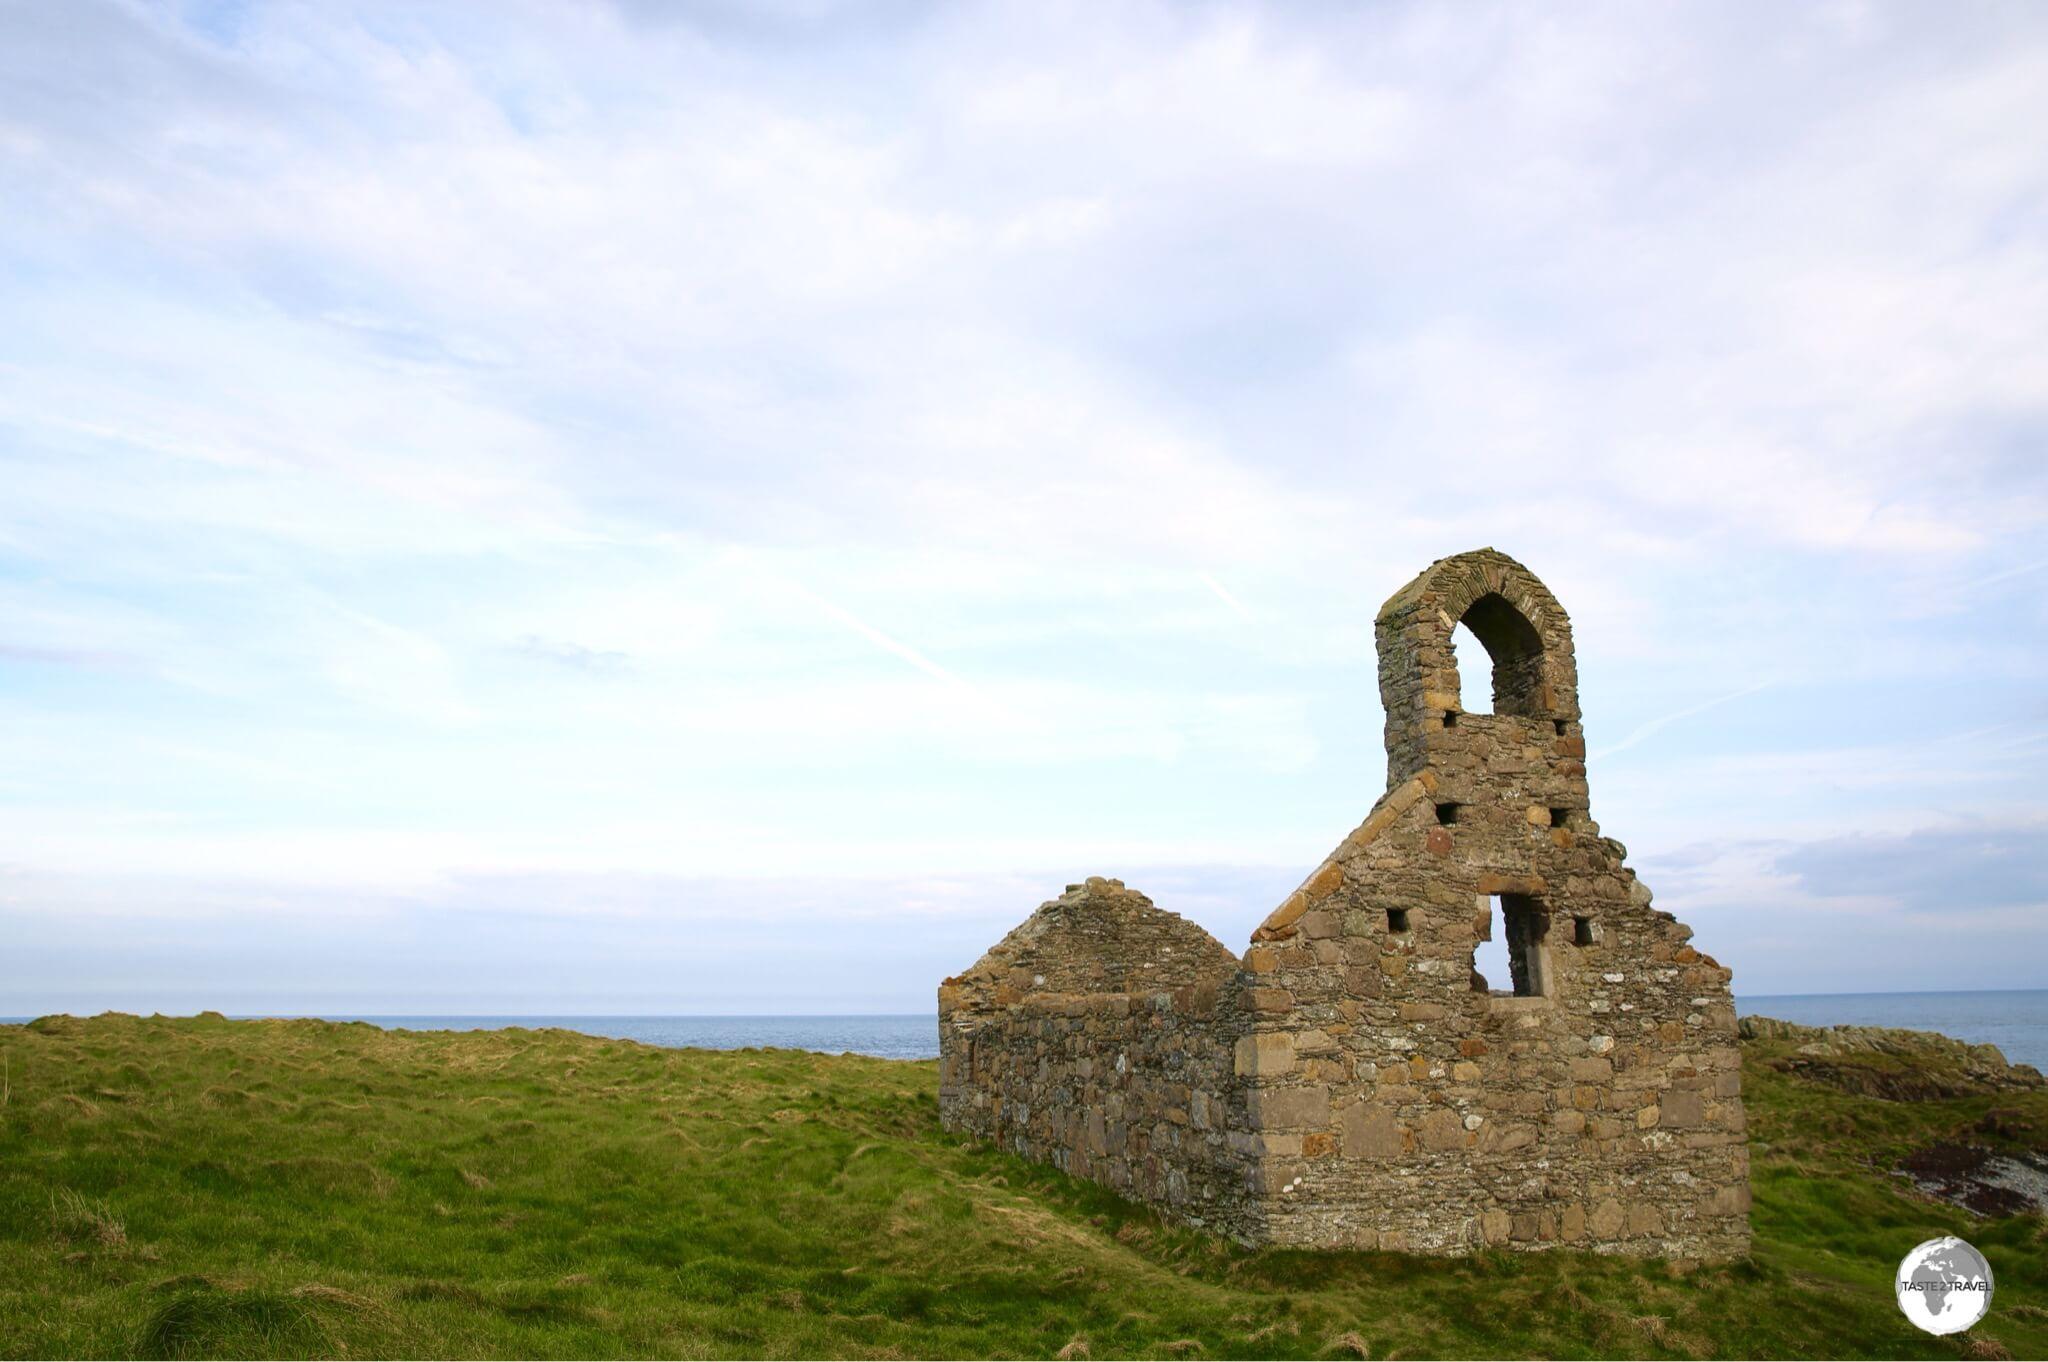 St. Michael's Isle chapel.